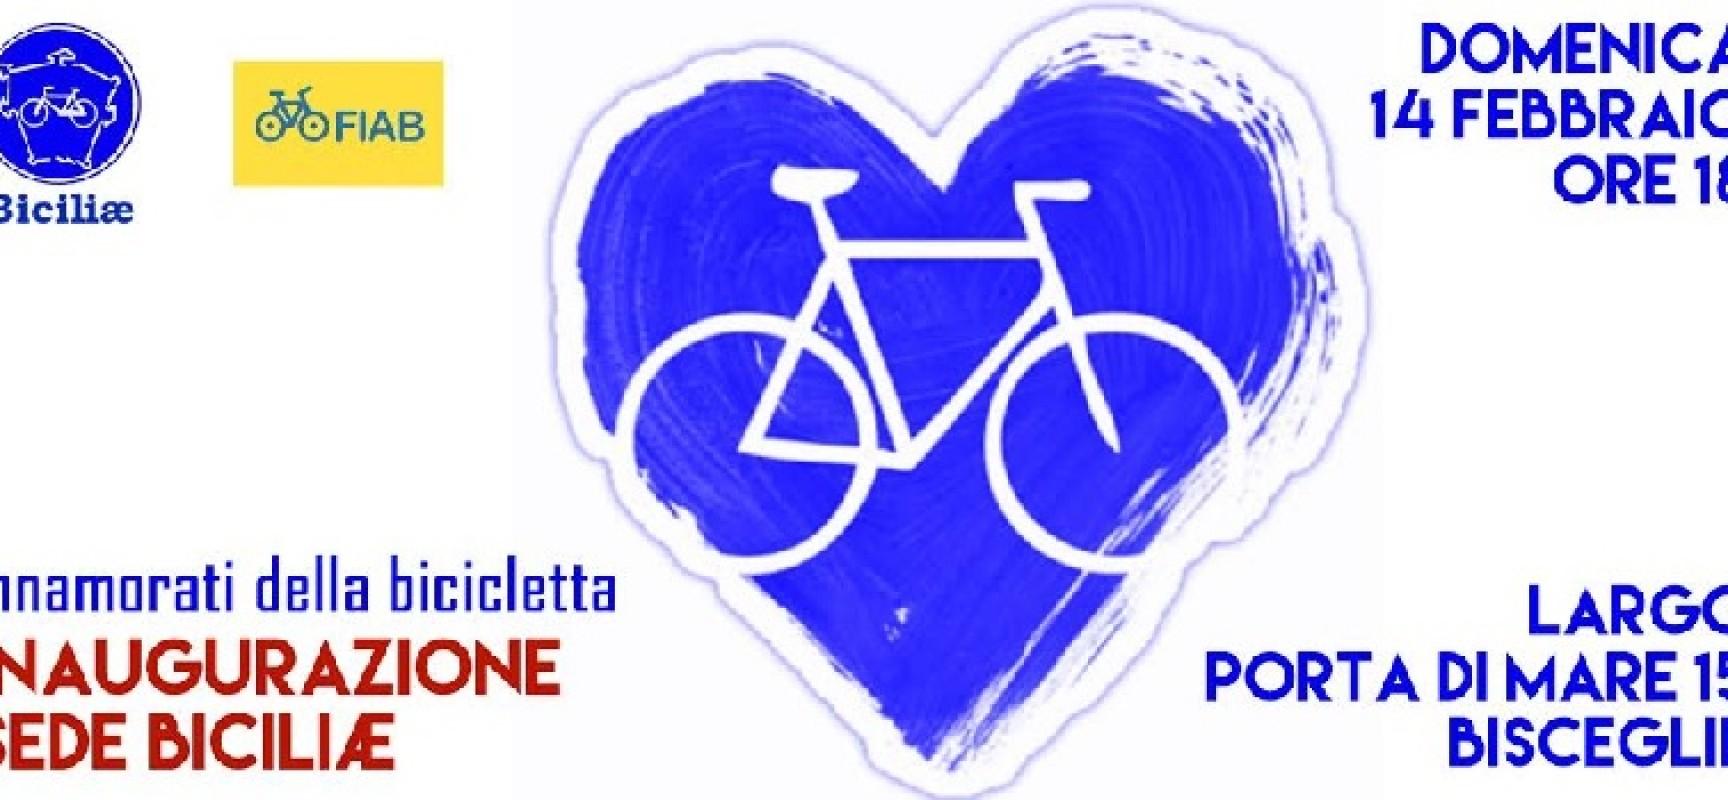 """""""A San Valentino innamorati della bicicletta"""", Biciliae oggi inaugura la sua nuova sede"""